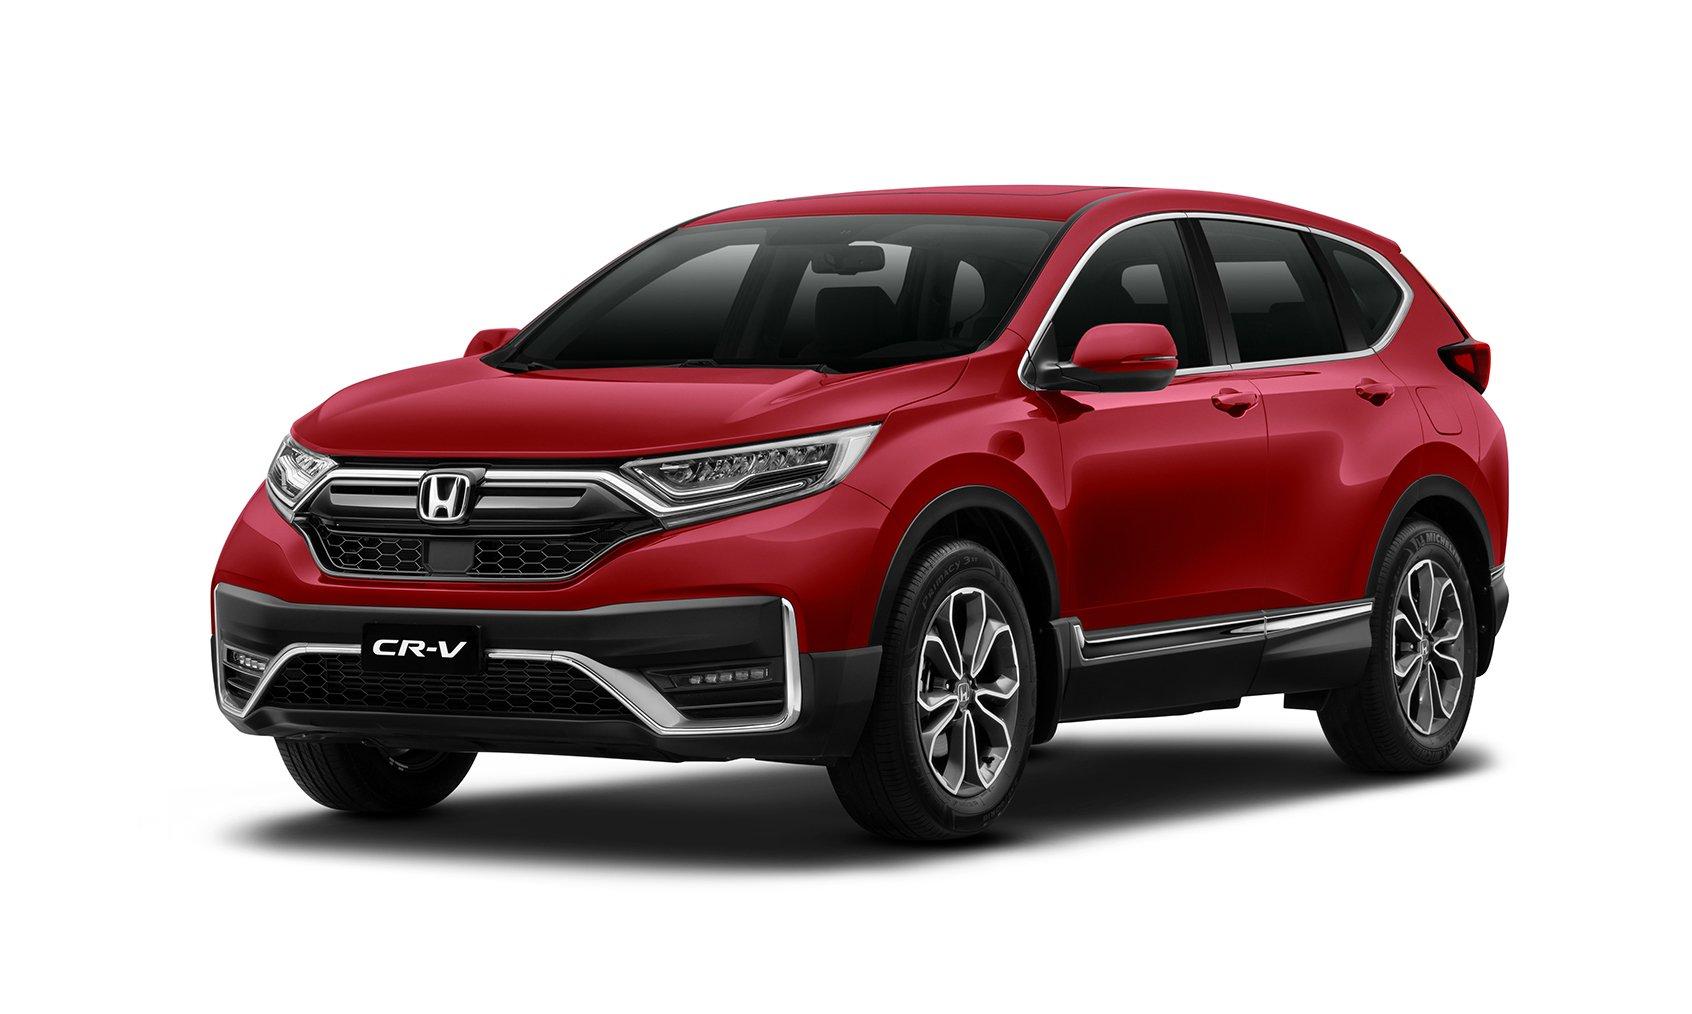 Mẫu xe SUV bán chạy nhất Honda CR-V có thêm phiên bản màu đỏ